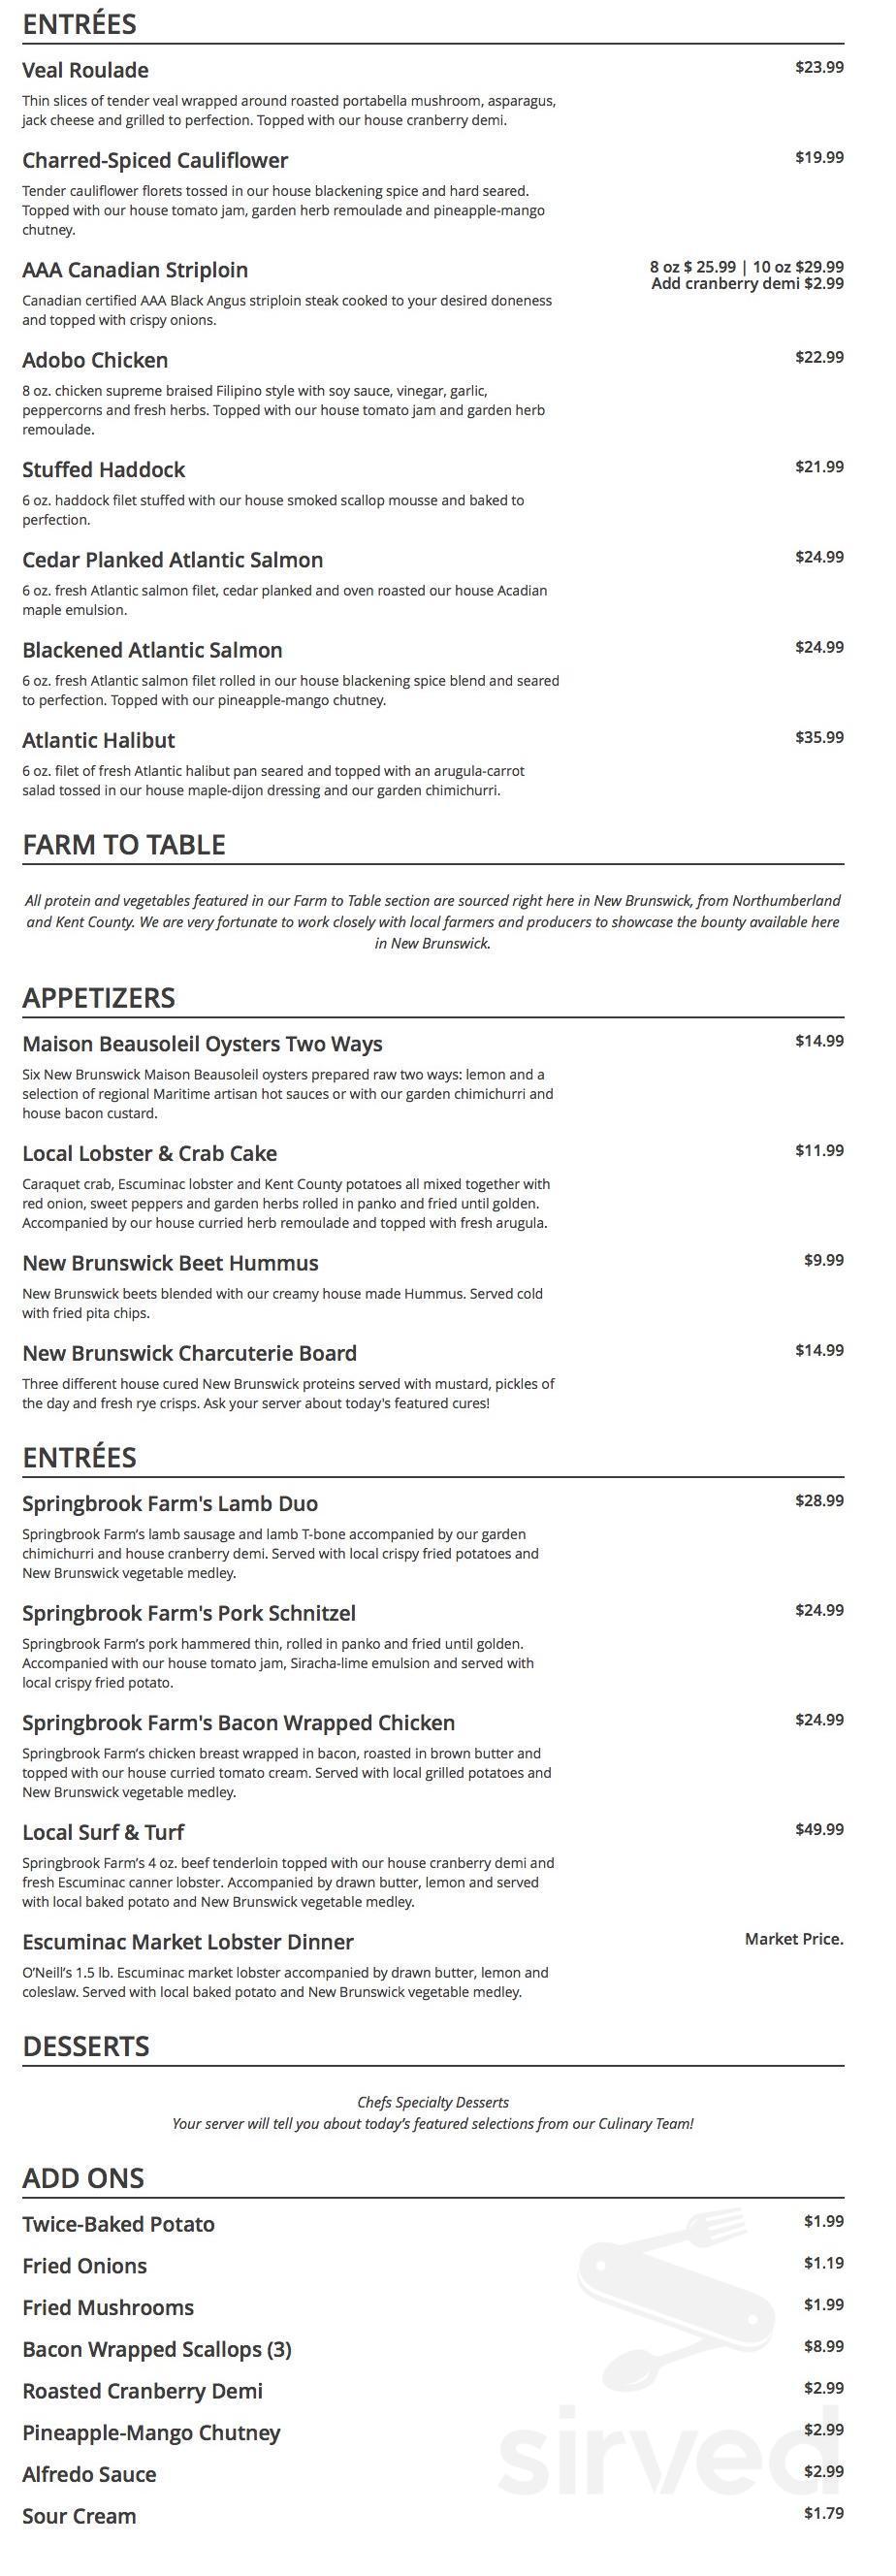 1809 Menu 1809 menu in miramichi, new brunswick, canada